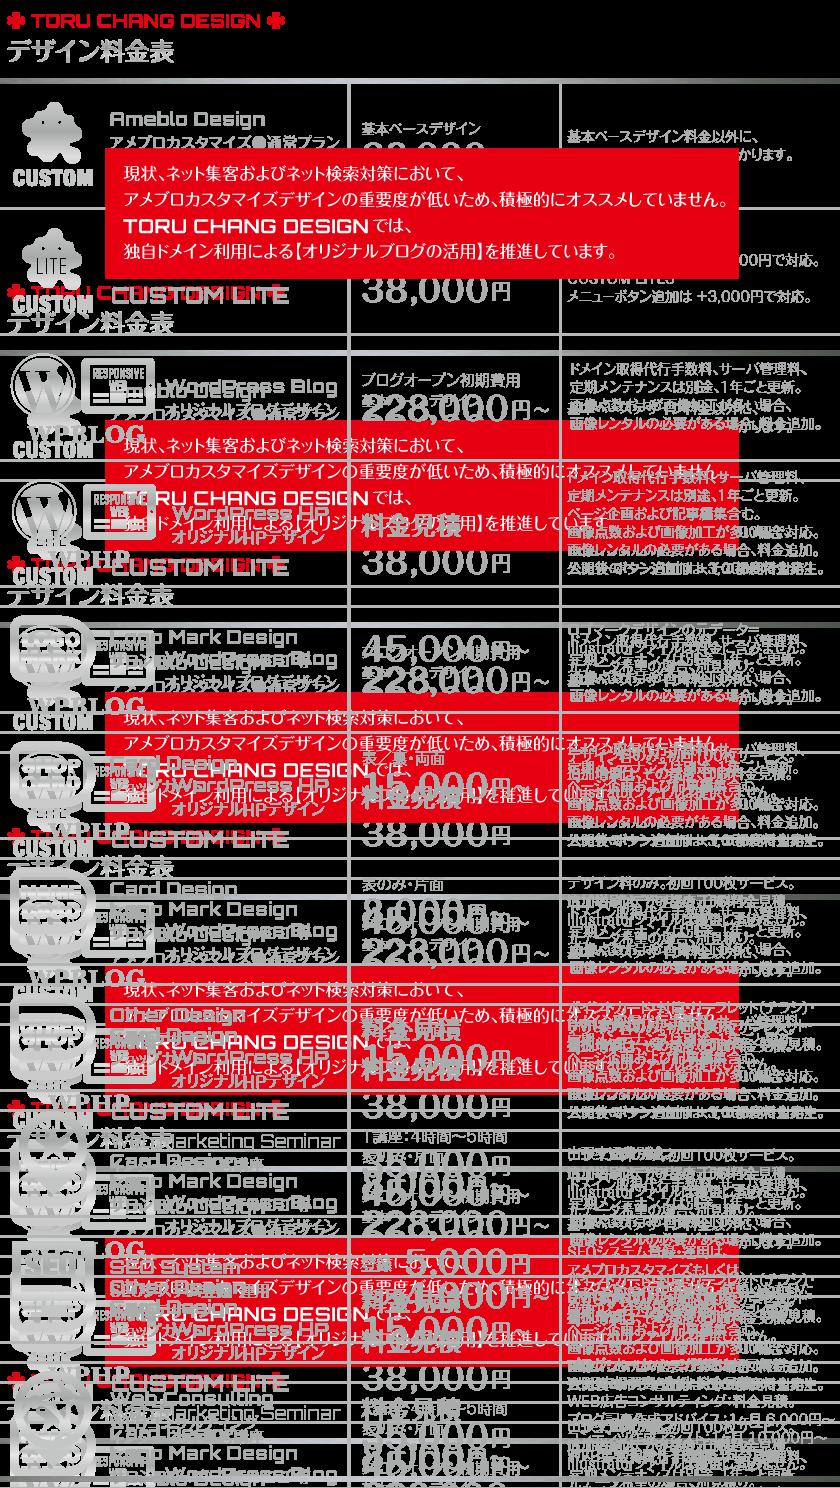 デザイン料金表【TORU CHANG DESIGN】オシャレなデザインで未来を変える|WordPressブログ・ホームページ・WEB制作|ロゴマーク|SEO・Google対策|ネット集客・サロン集客